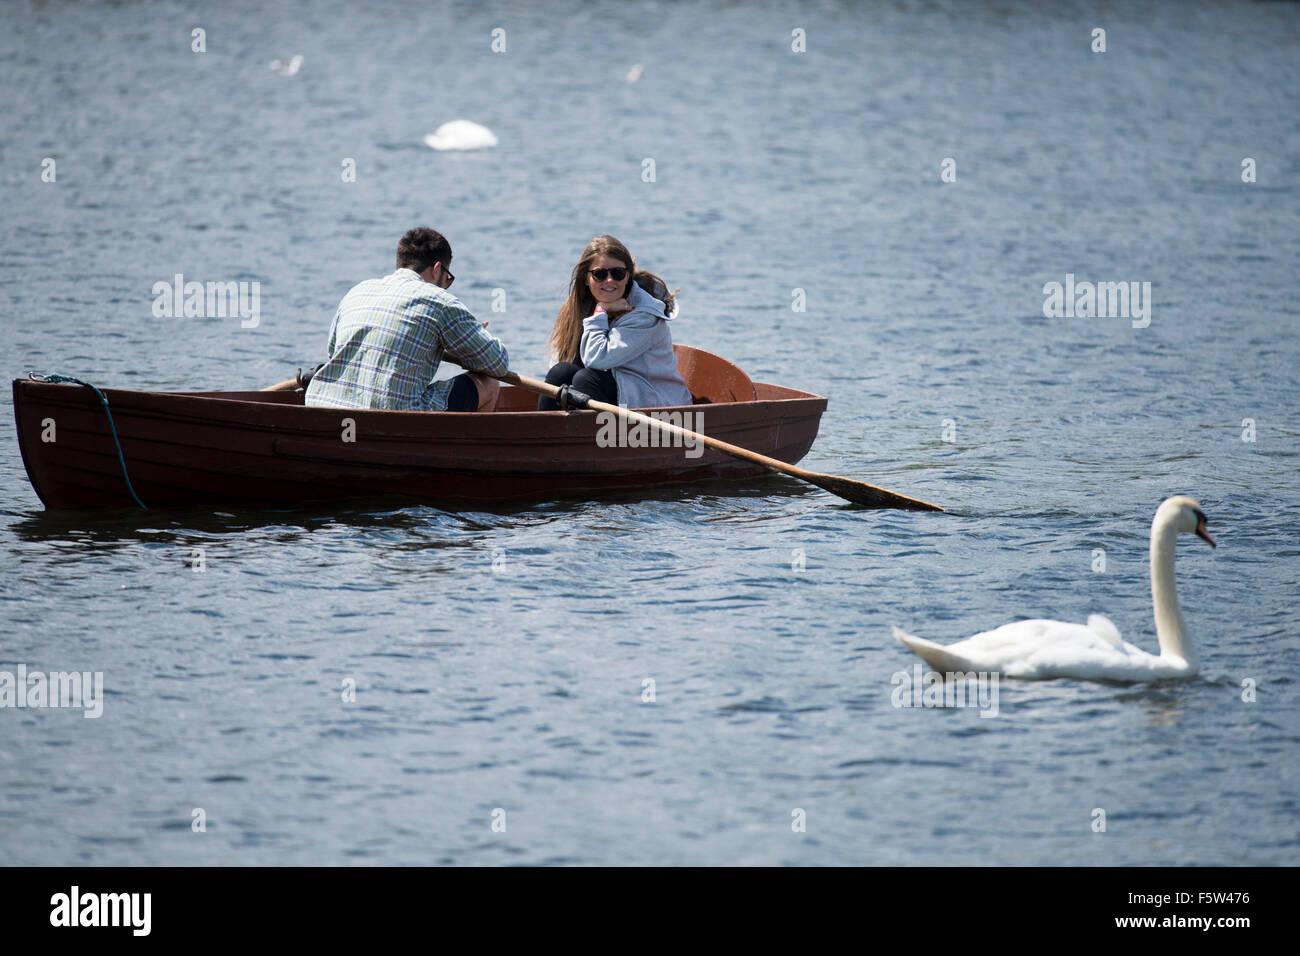 Un Couple Dans Un Bateau A Rames Dans Roath Park Lake Cardiff Pays De Galles Lors De Temps Chaud Et Ensoleille Photo Stock Alamy